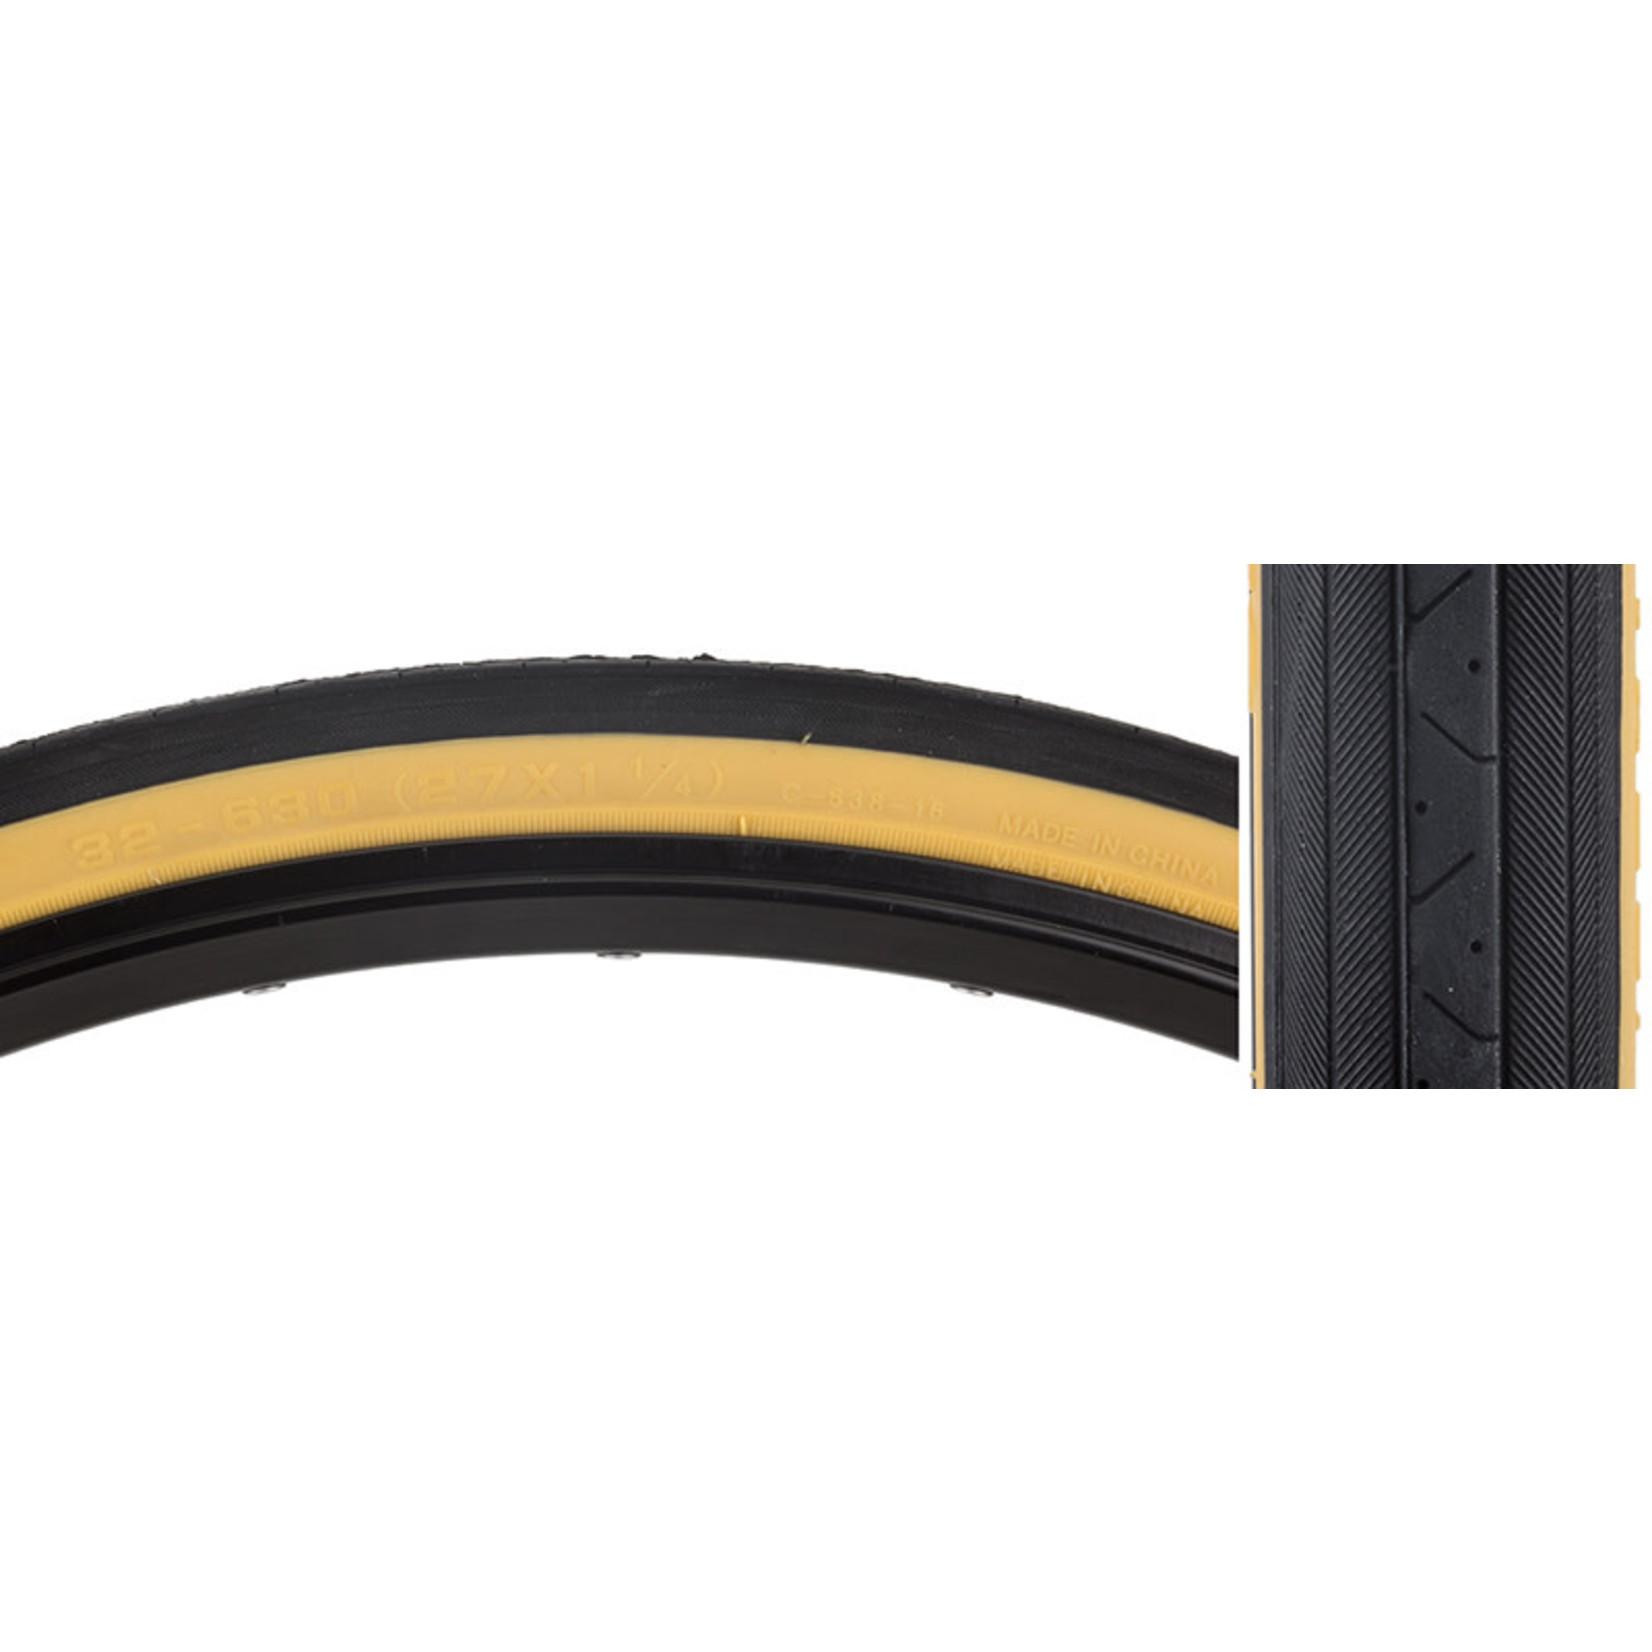 27x1-1/4 Gum Wall Tire